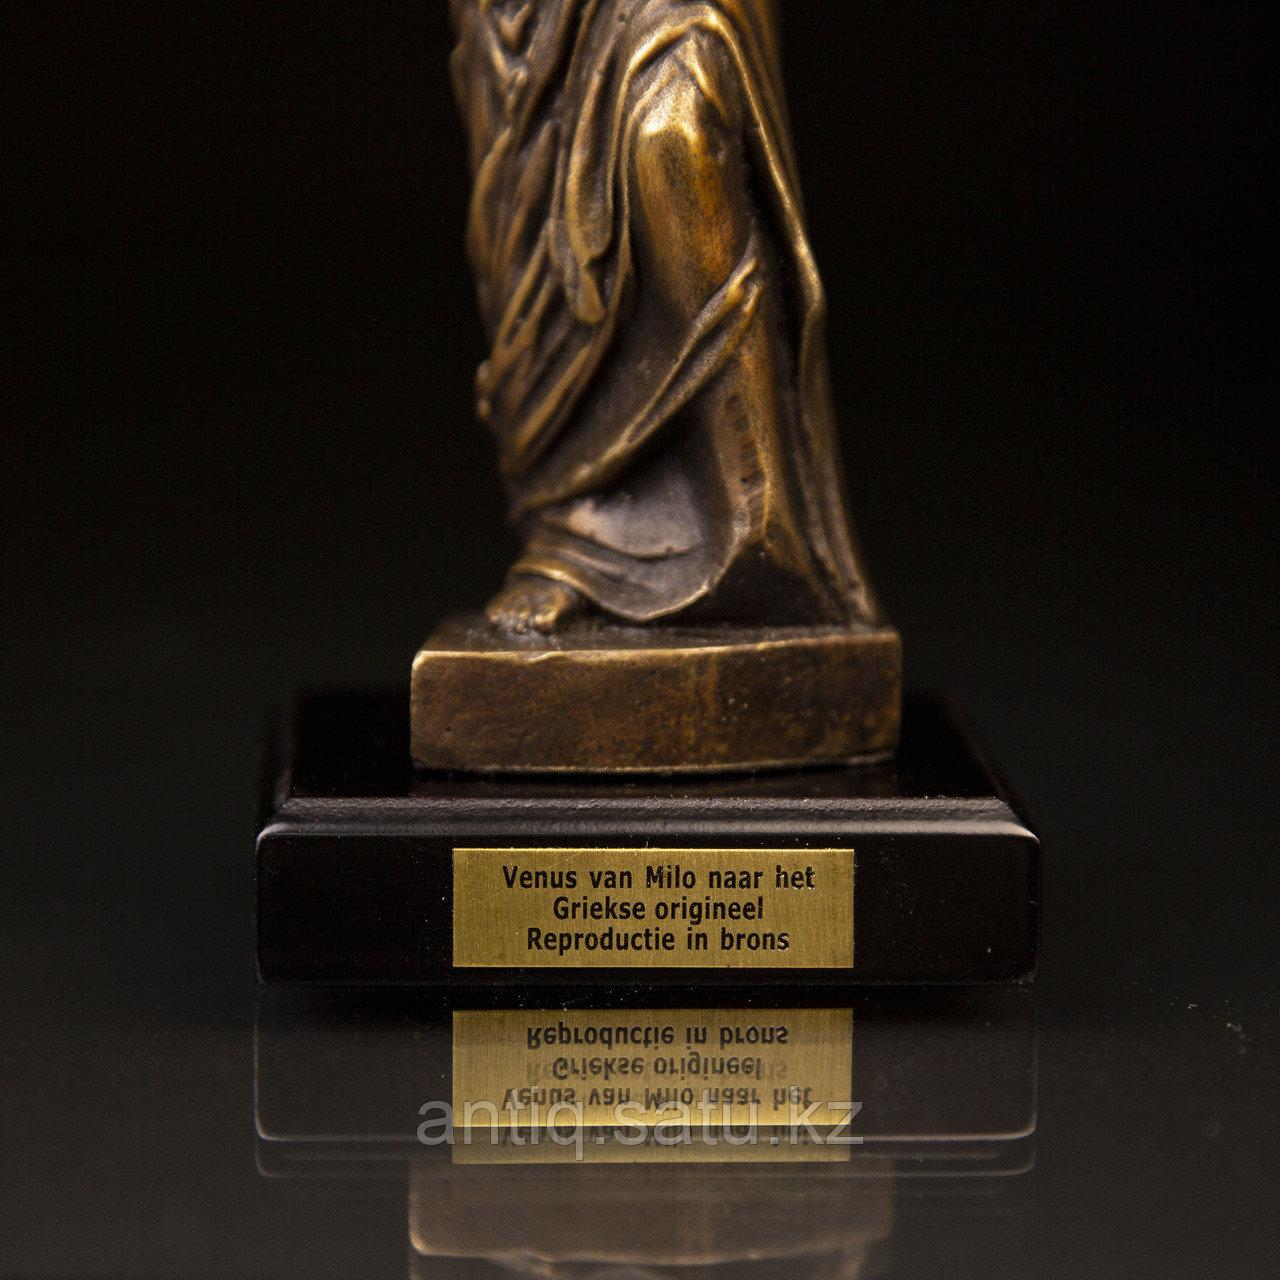 Коллекционная миниатюра «Венера Милосская». Бронза, литье Имеется сертификат. Франция. Конец ХХ века. - фото 7